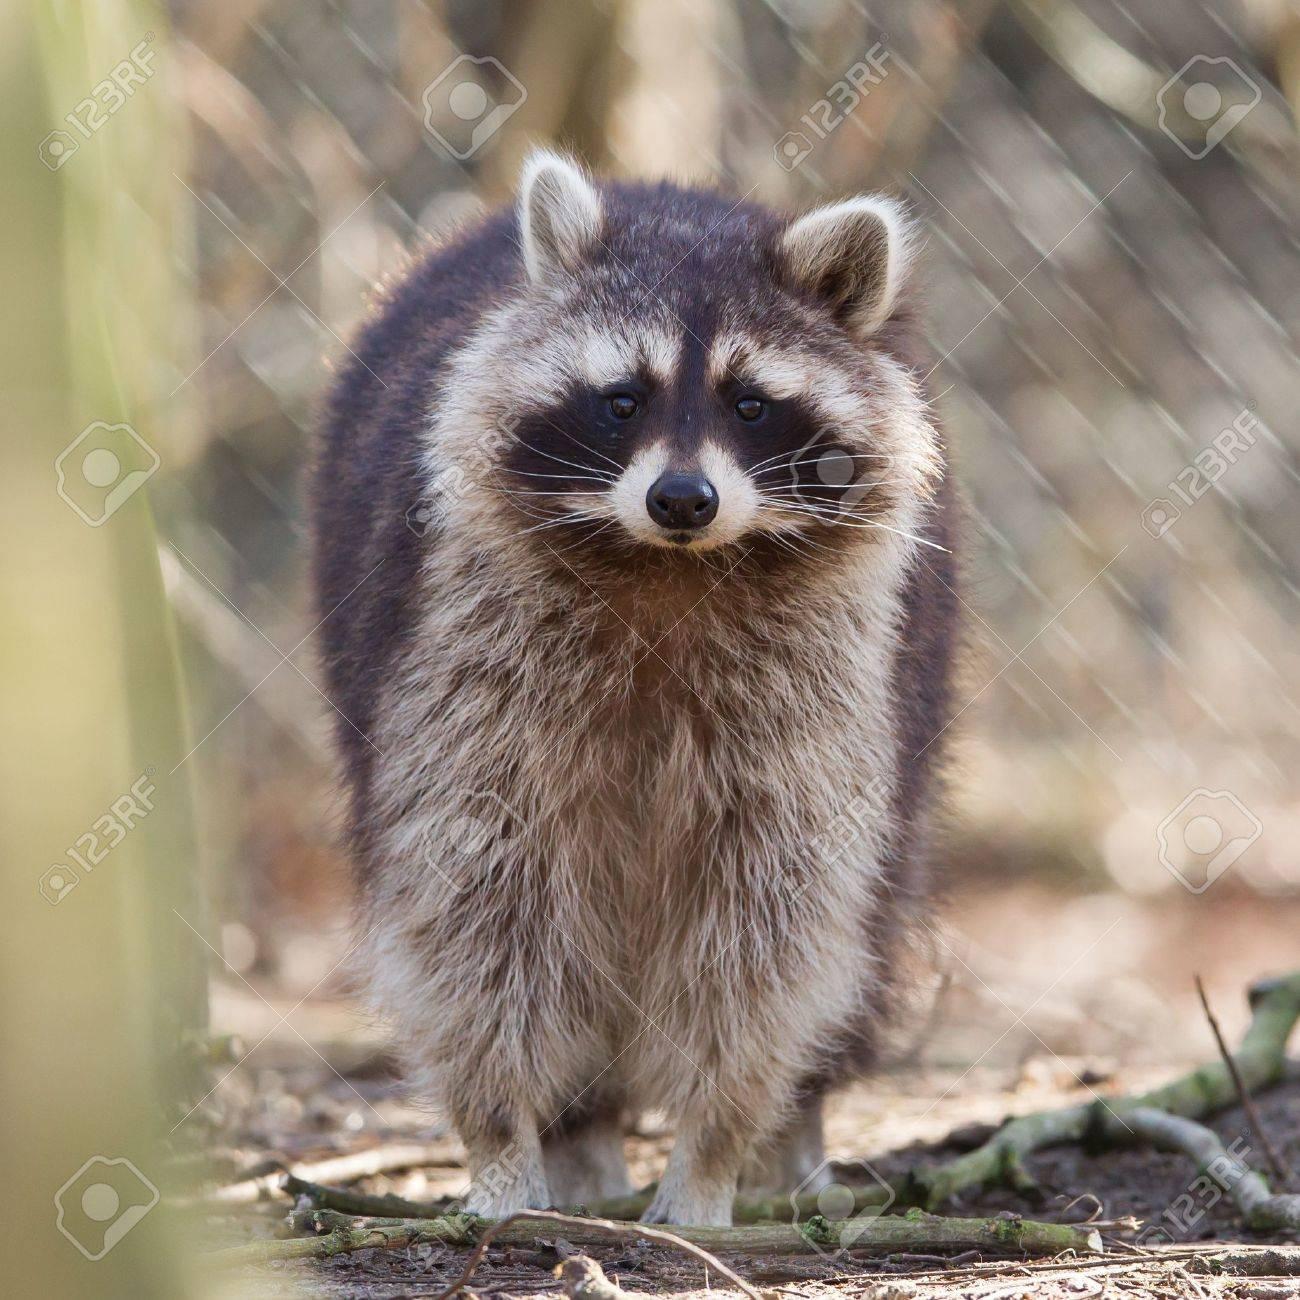 Racoon curieux en captivité est à regarder dans l'objectif Banque d'images - 18296033